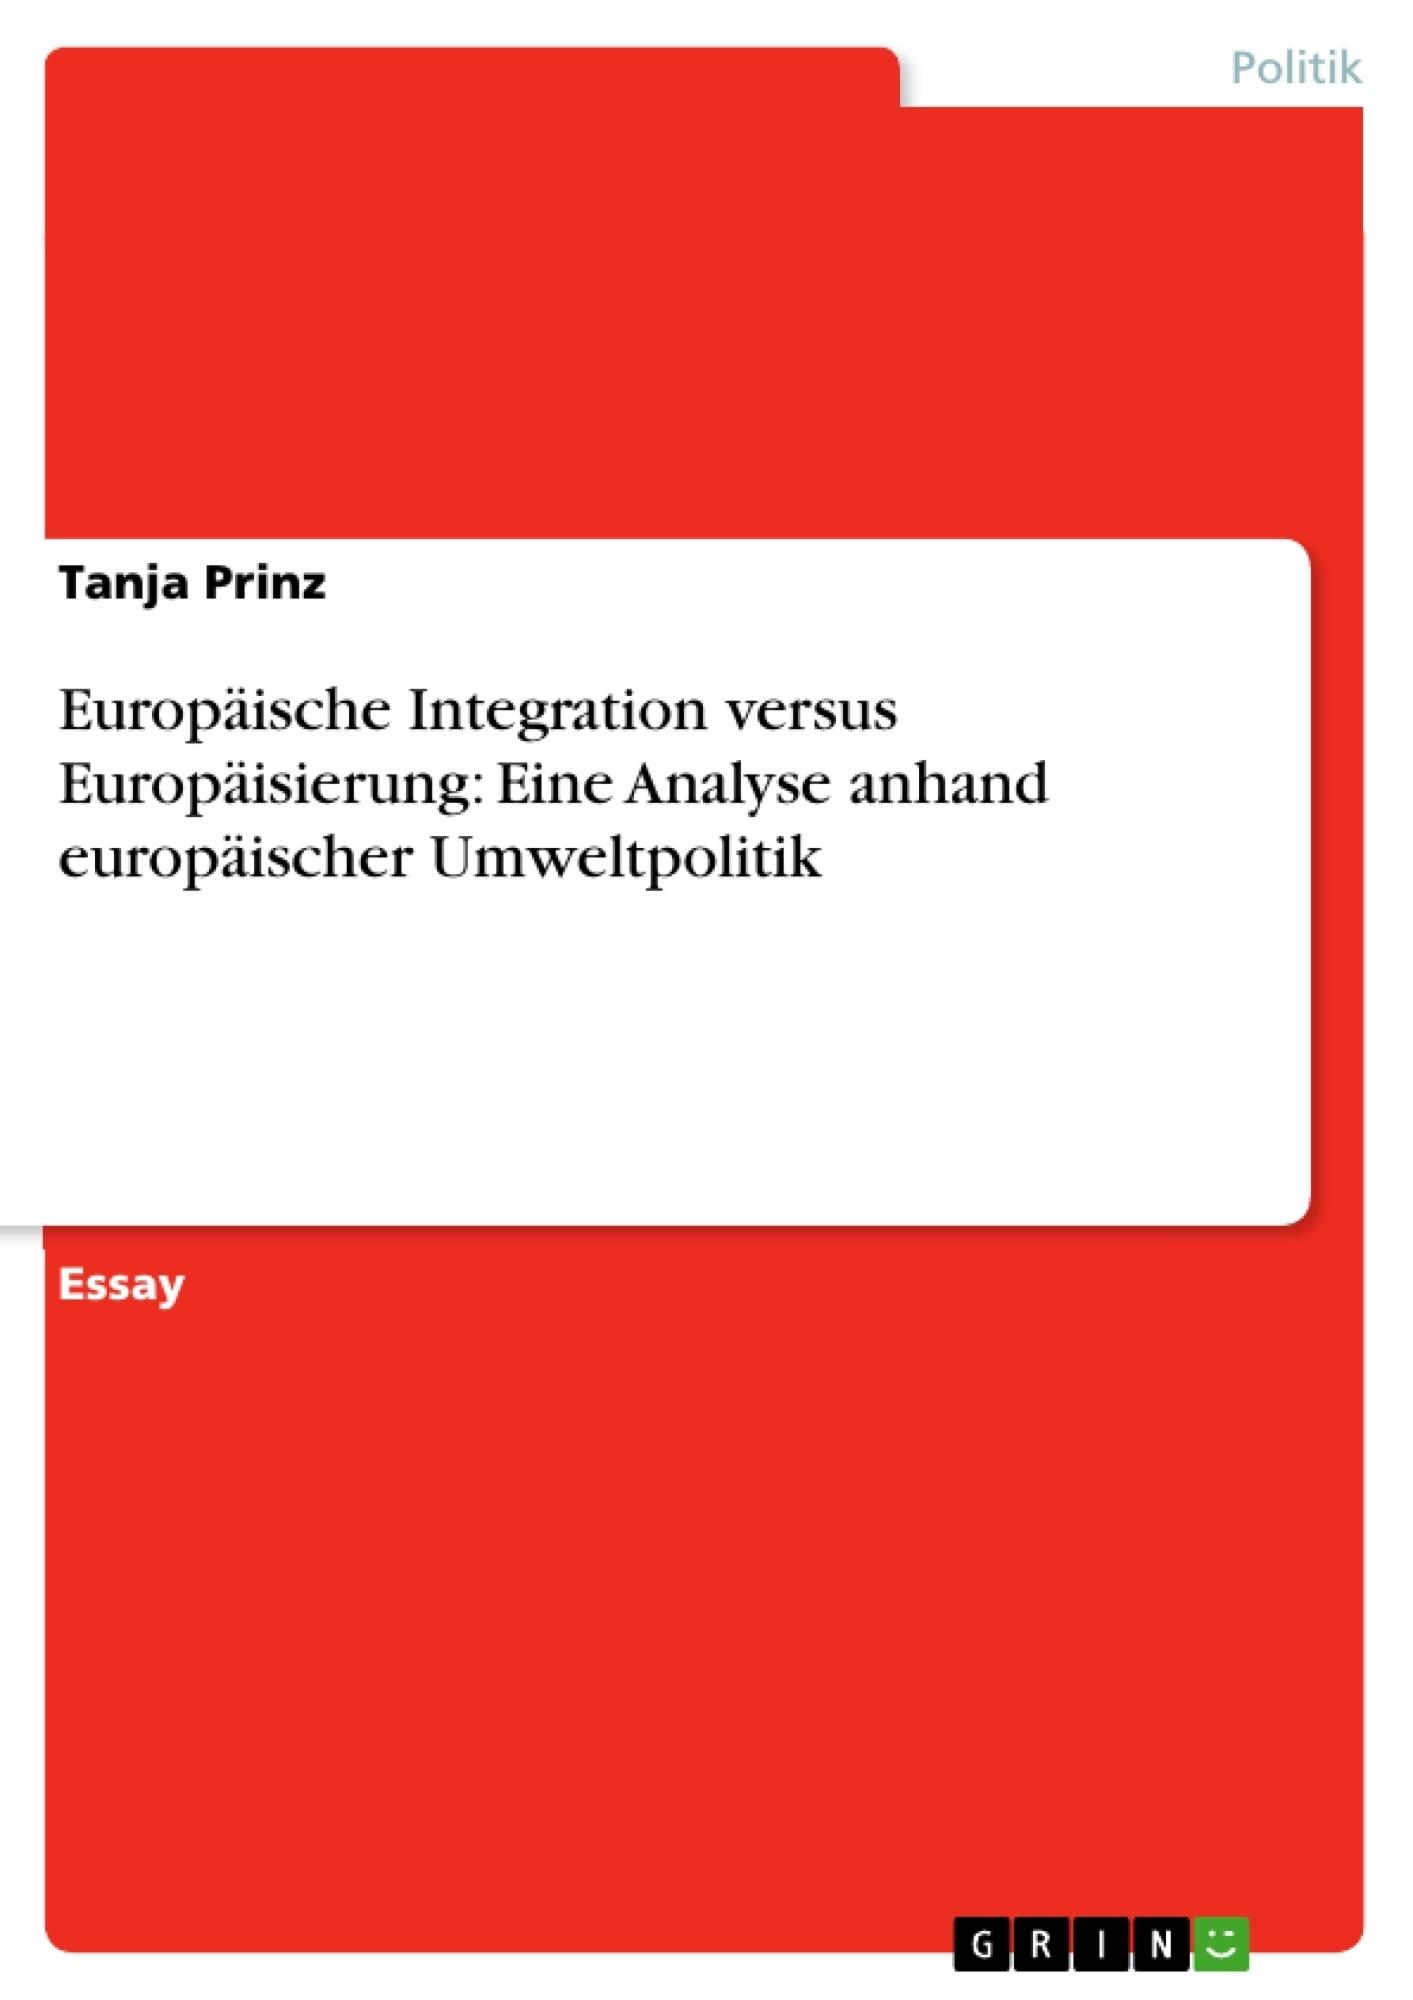 Titel: Europäische Integration versus Europäisierung: Eine Analyse anhand europäischer Umweltpolitik